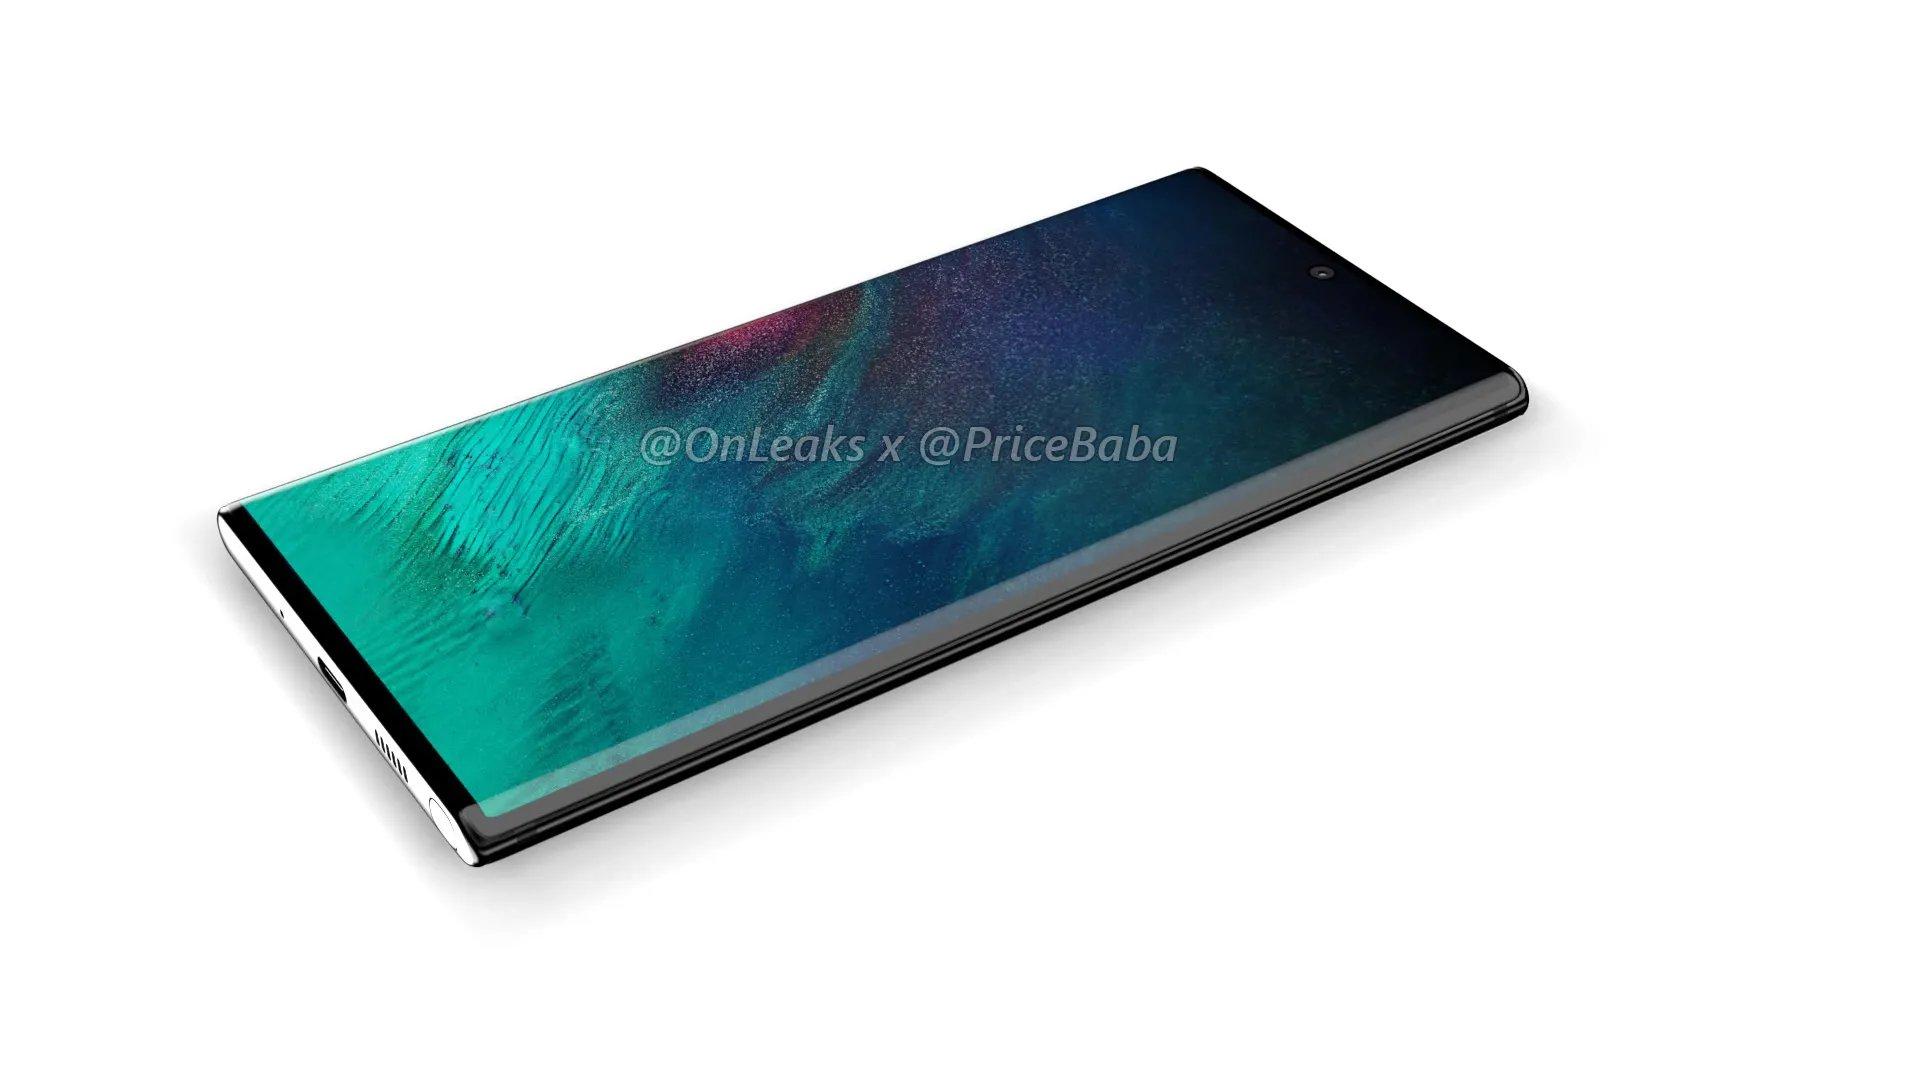 Rendu du Galaxy Note 10 Pro